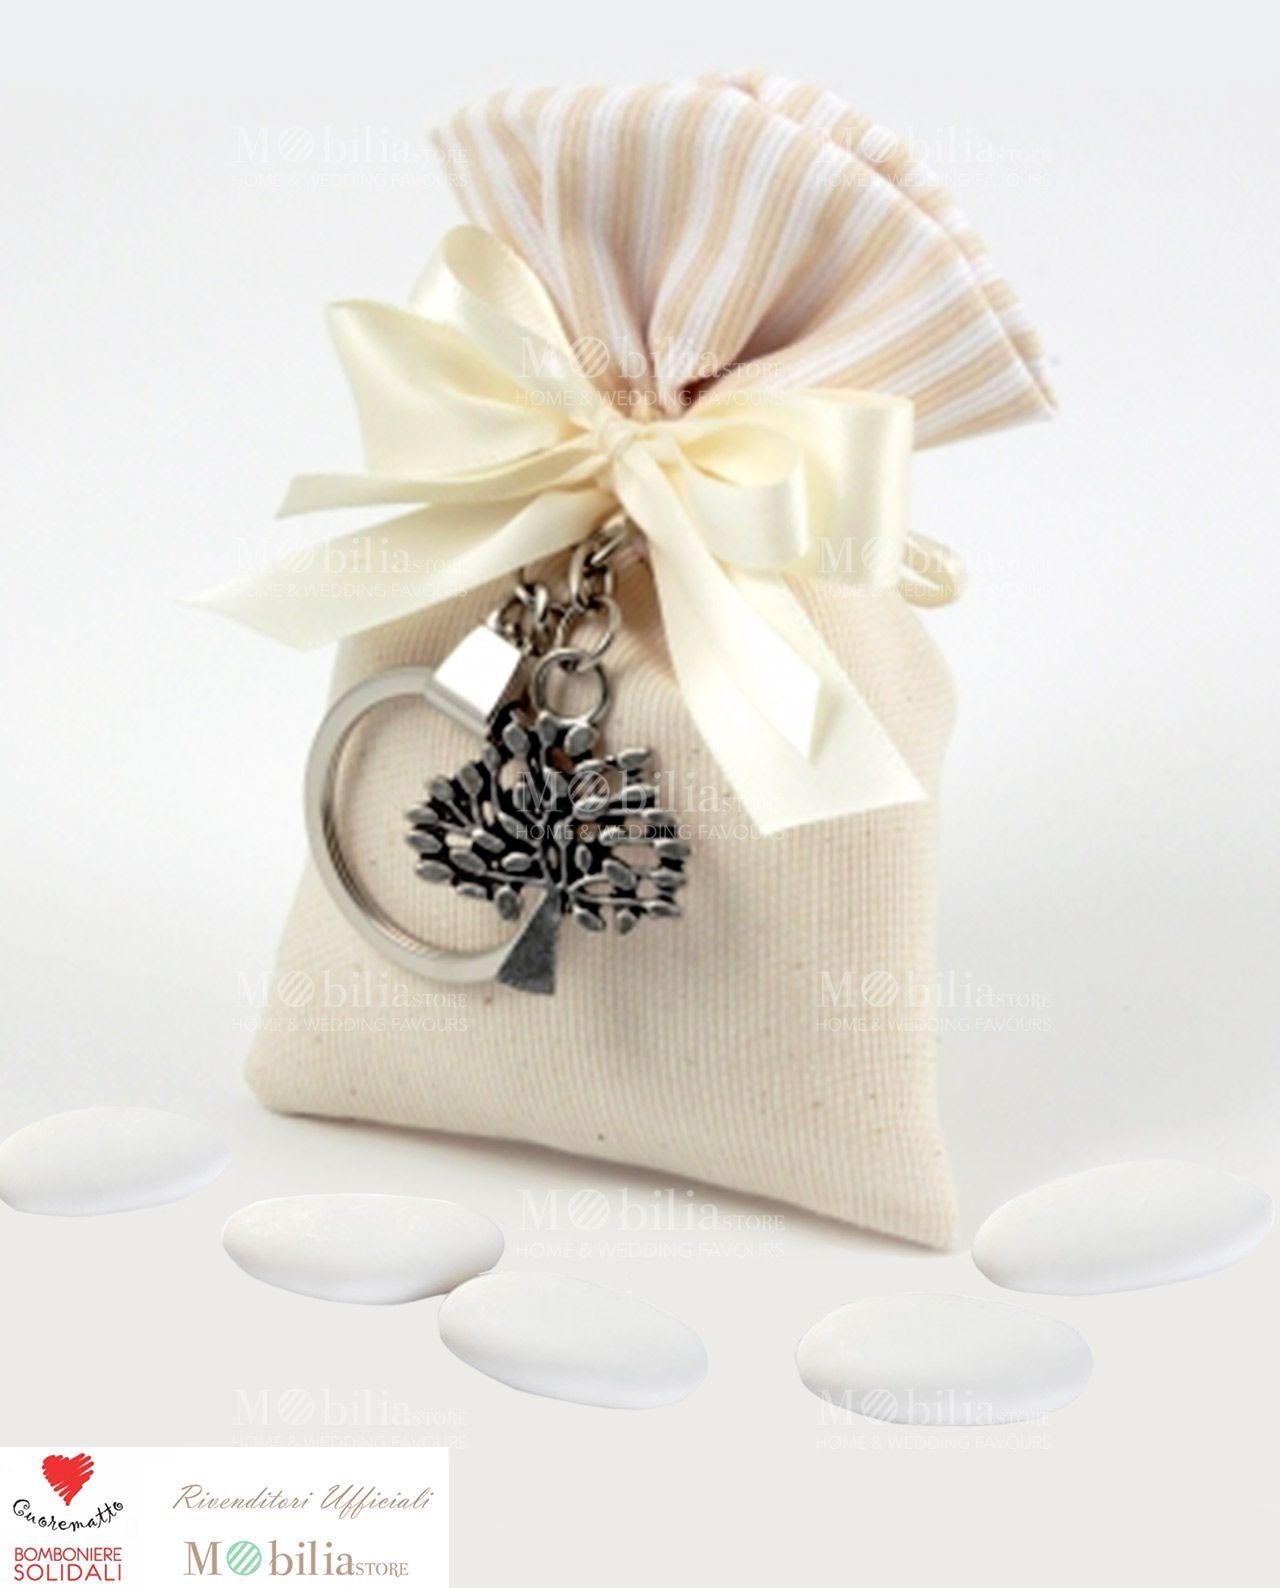 bomboniere solidali cuorematto sacchettino con portachiavi